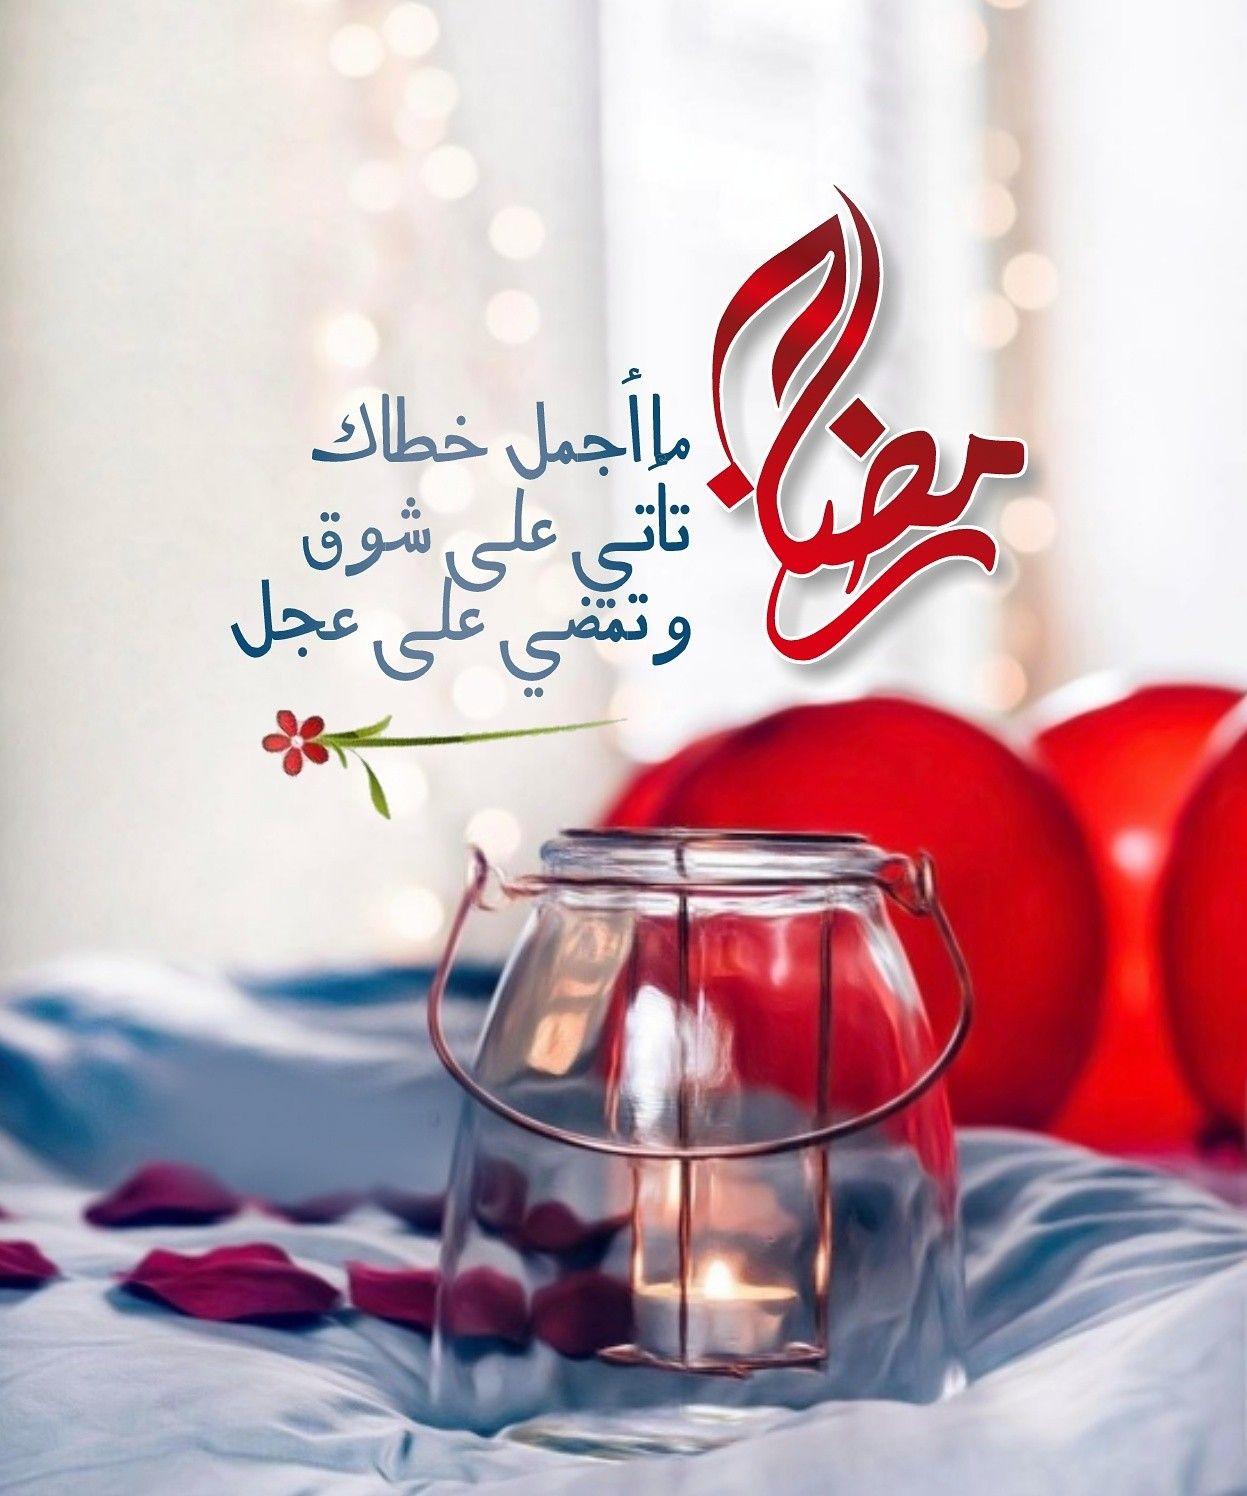 لم يع د بيننا وبين رمضان إلا أياما قليلة اللهم إنا ن شهدك أنا إشتقنا إليه فبلغنا أيامه ولياليه وأن Ramadan Quotes Ramadan Mubarak Wallpapers Ramadan Greetings